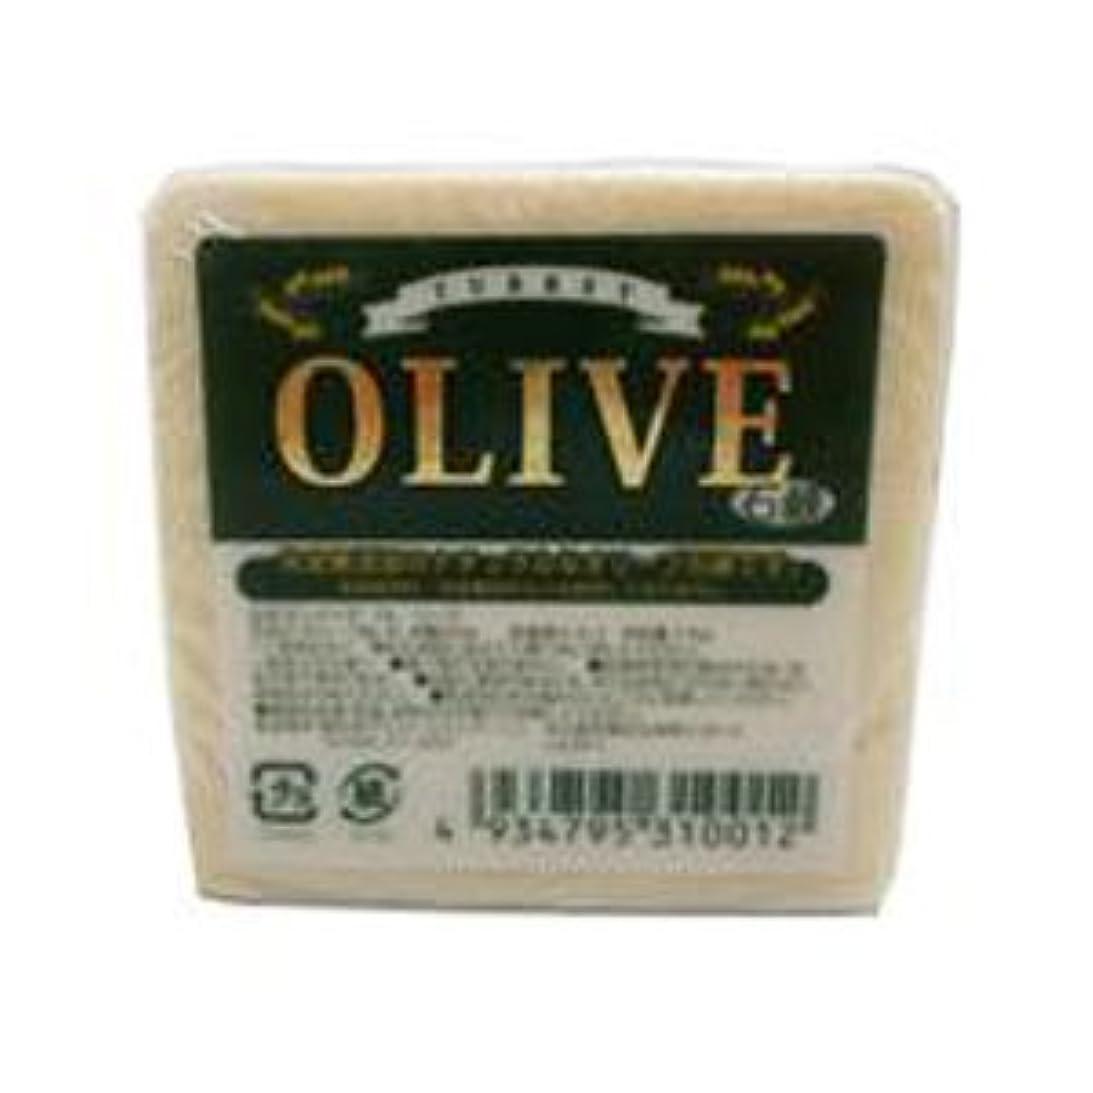 農業クルーズファイバお得な10個セット トルコ産オリーブを使用した無添加石鹸 ターキーオリーブ石鹸 135g